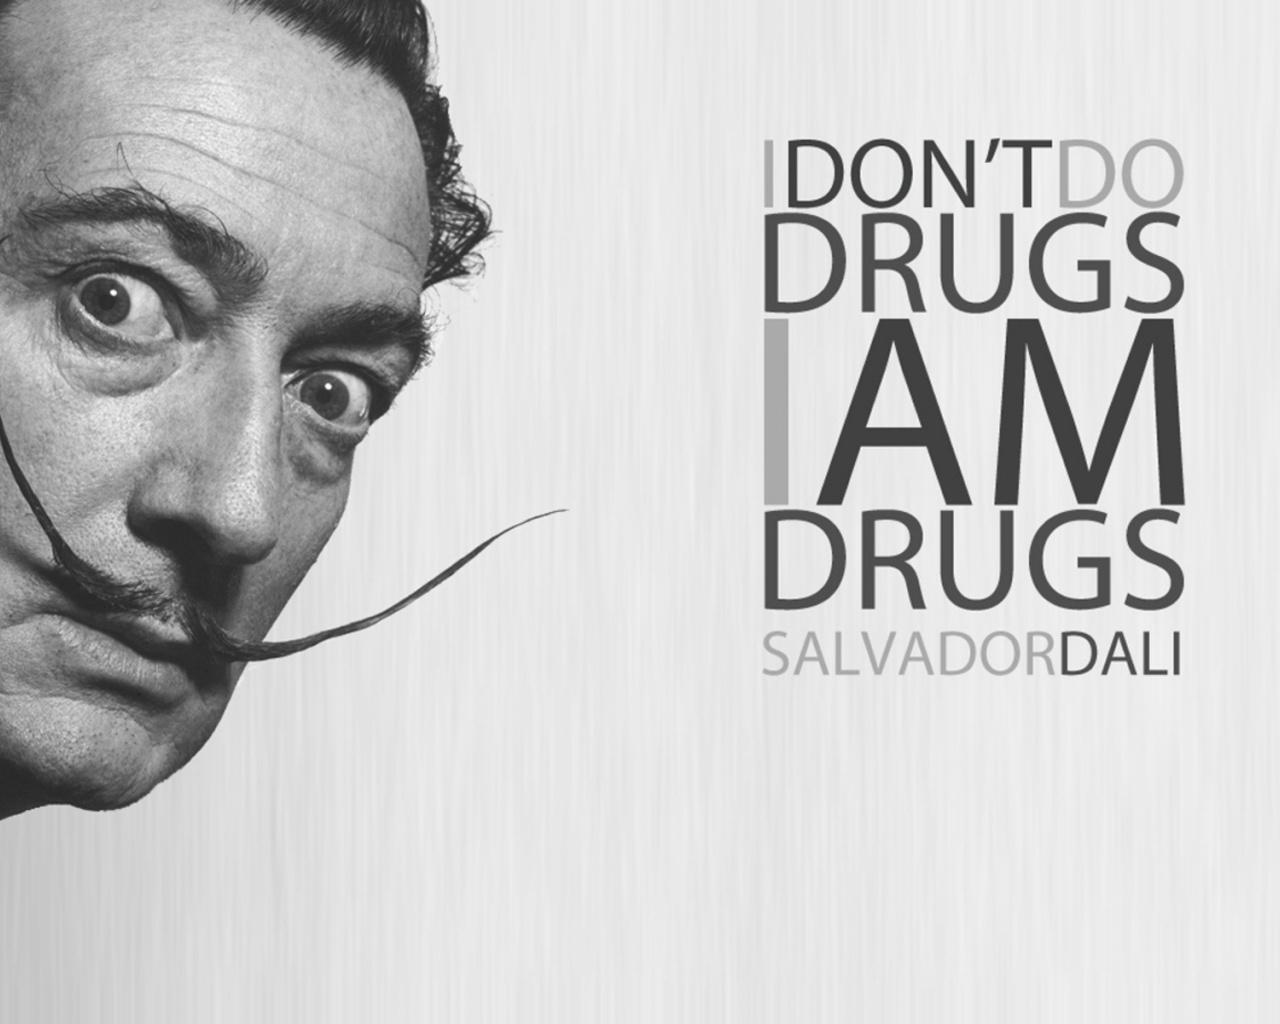 Salvador Dali quote #2